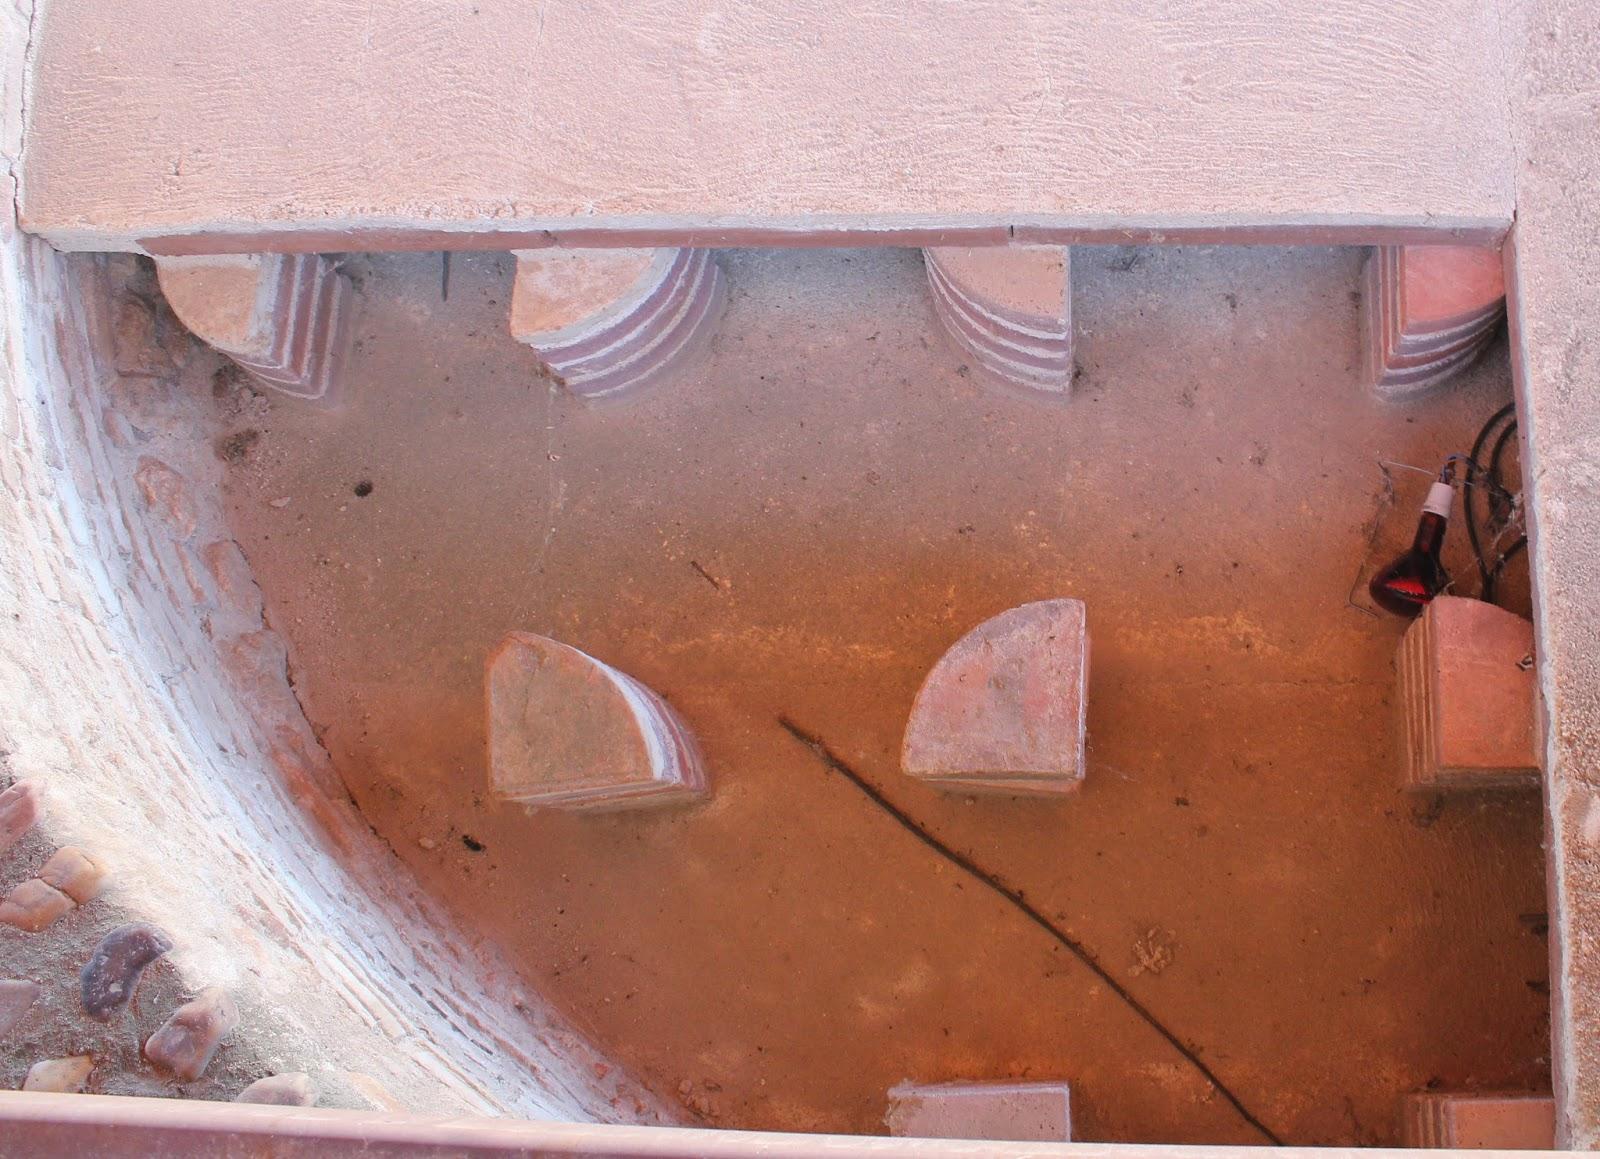 sistema de calefacción romano, hipocausto, yacimiento romano de Carranque